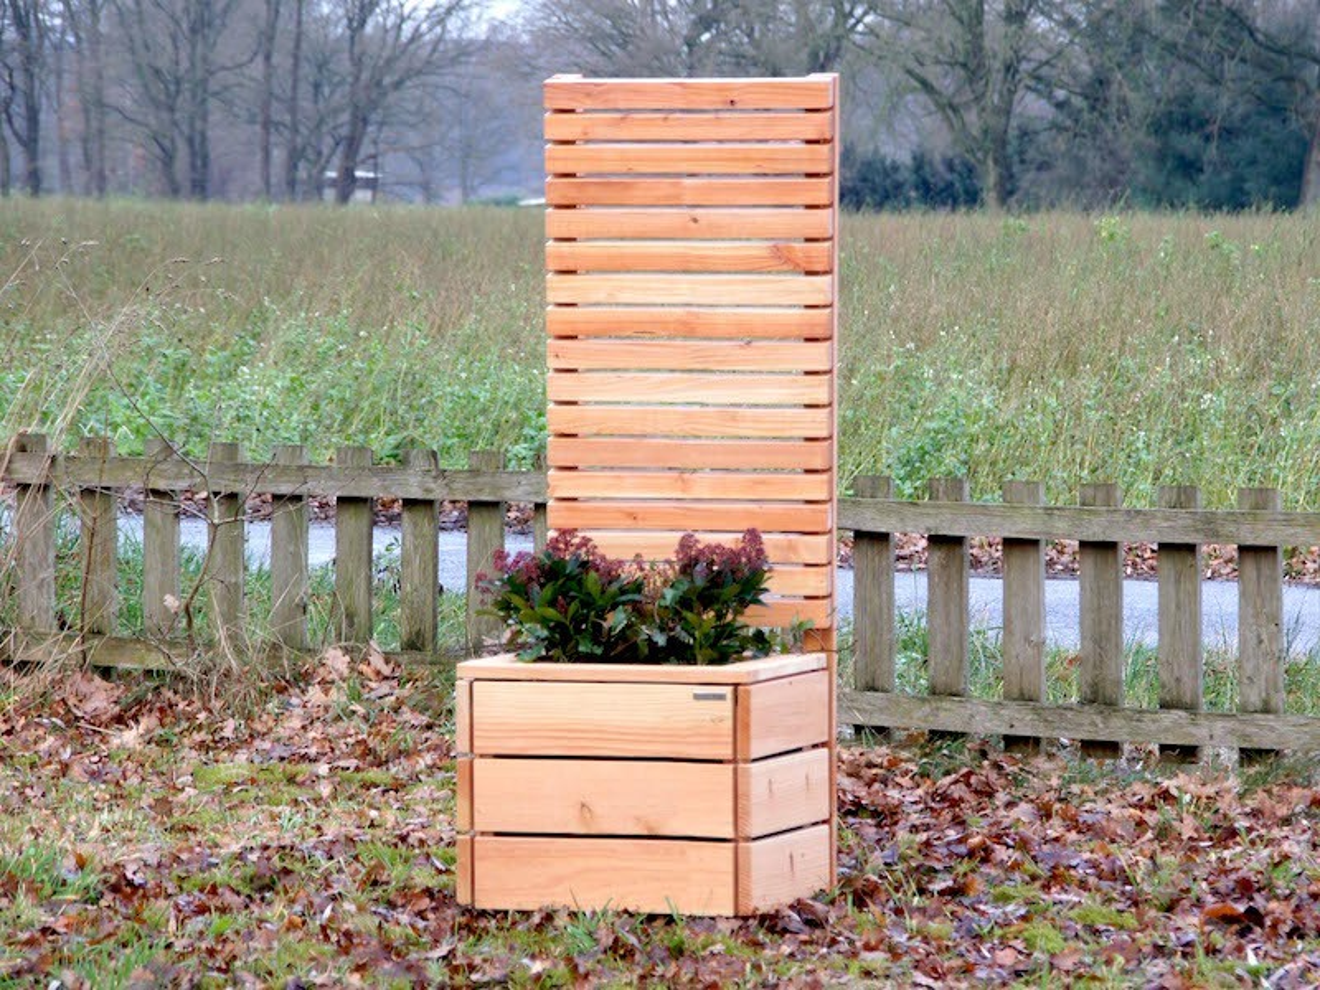 pflanzkasten mit sichtschutz heimisches holz made in. Black Bedroom Furniture Sets. Home Design Ideas